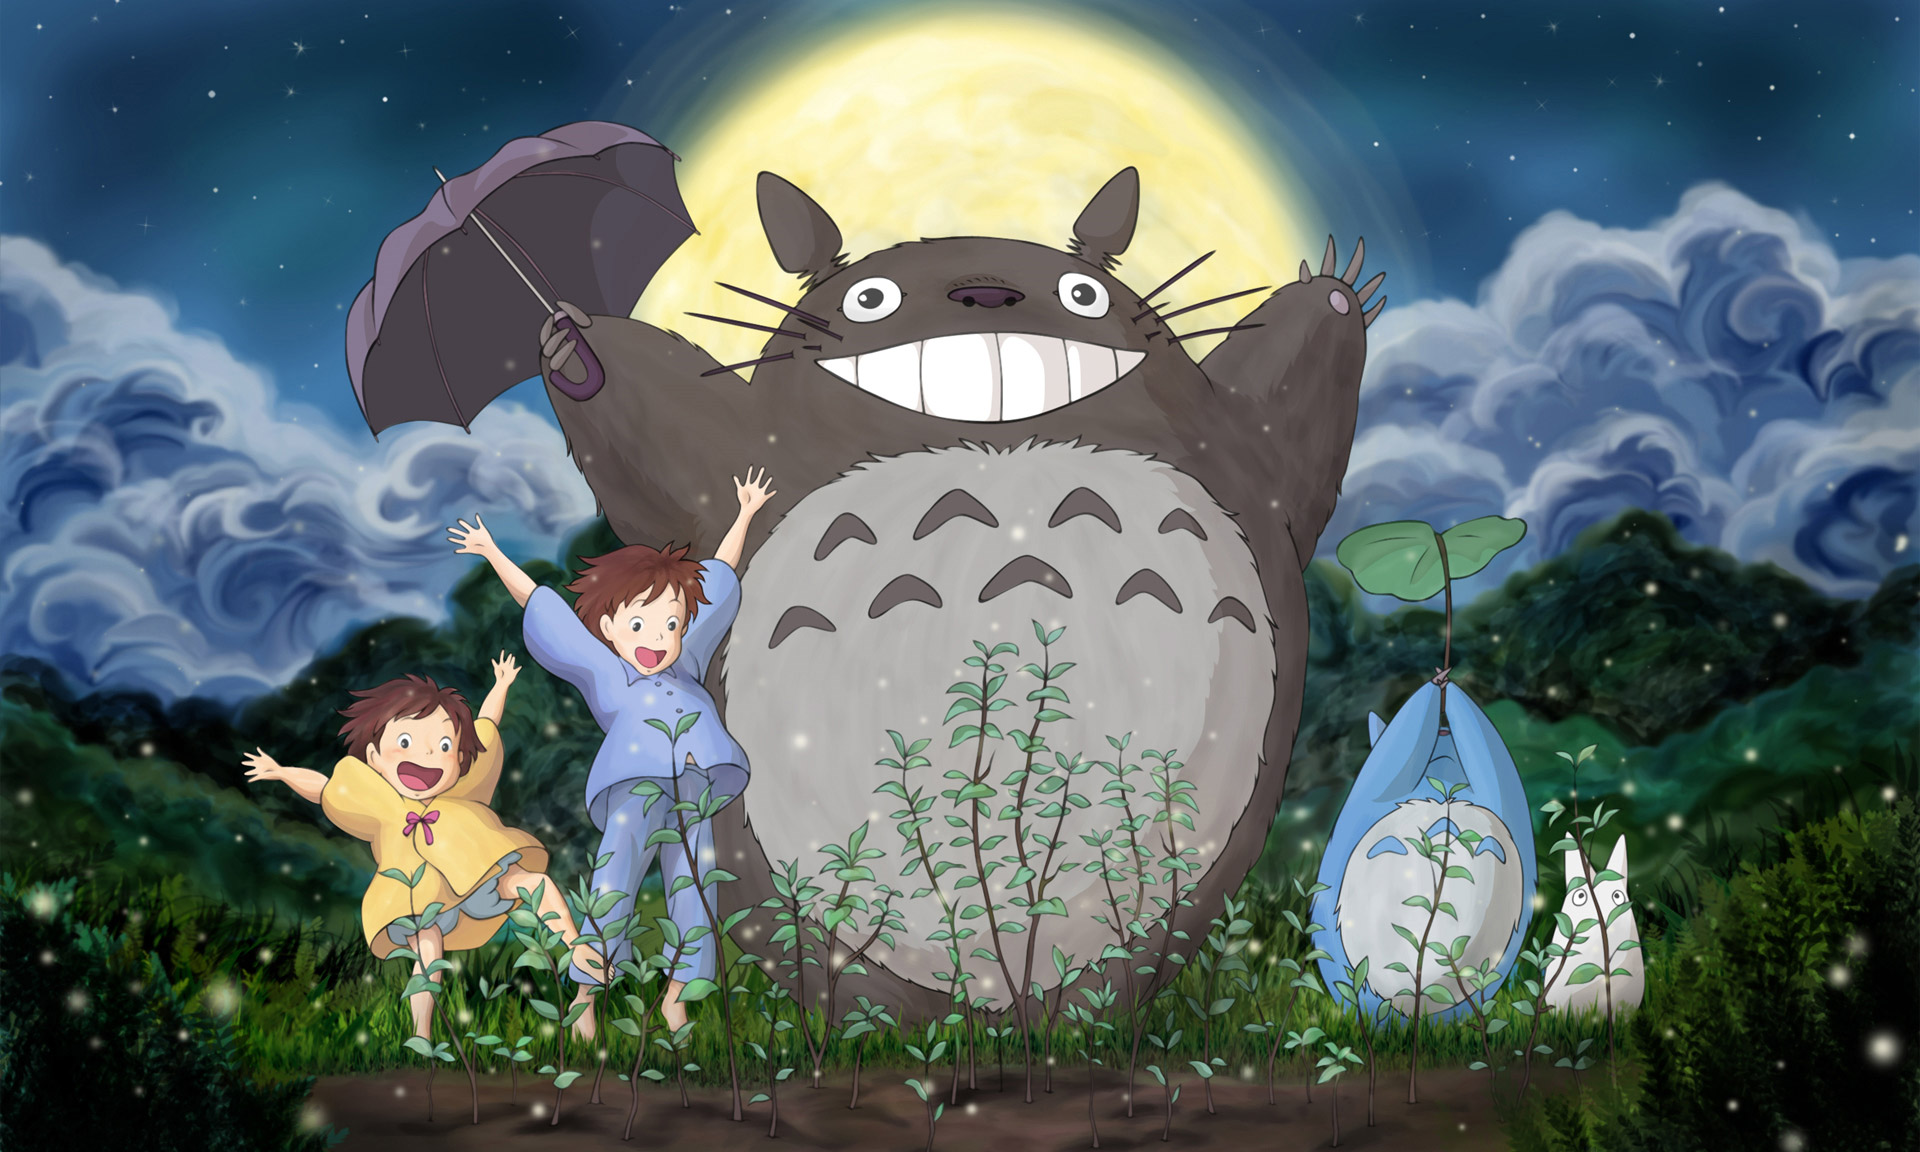 宫崎骏动画《龙猫》重置版将于年底上映